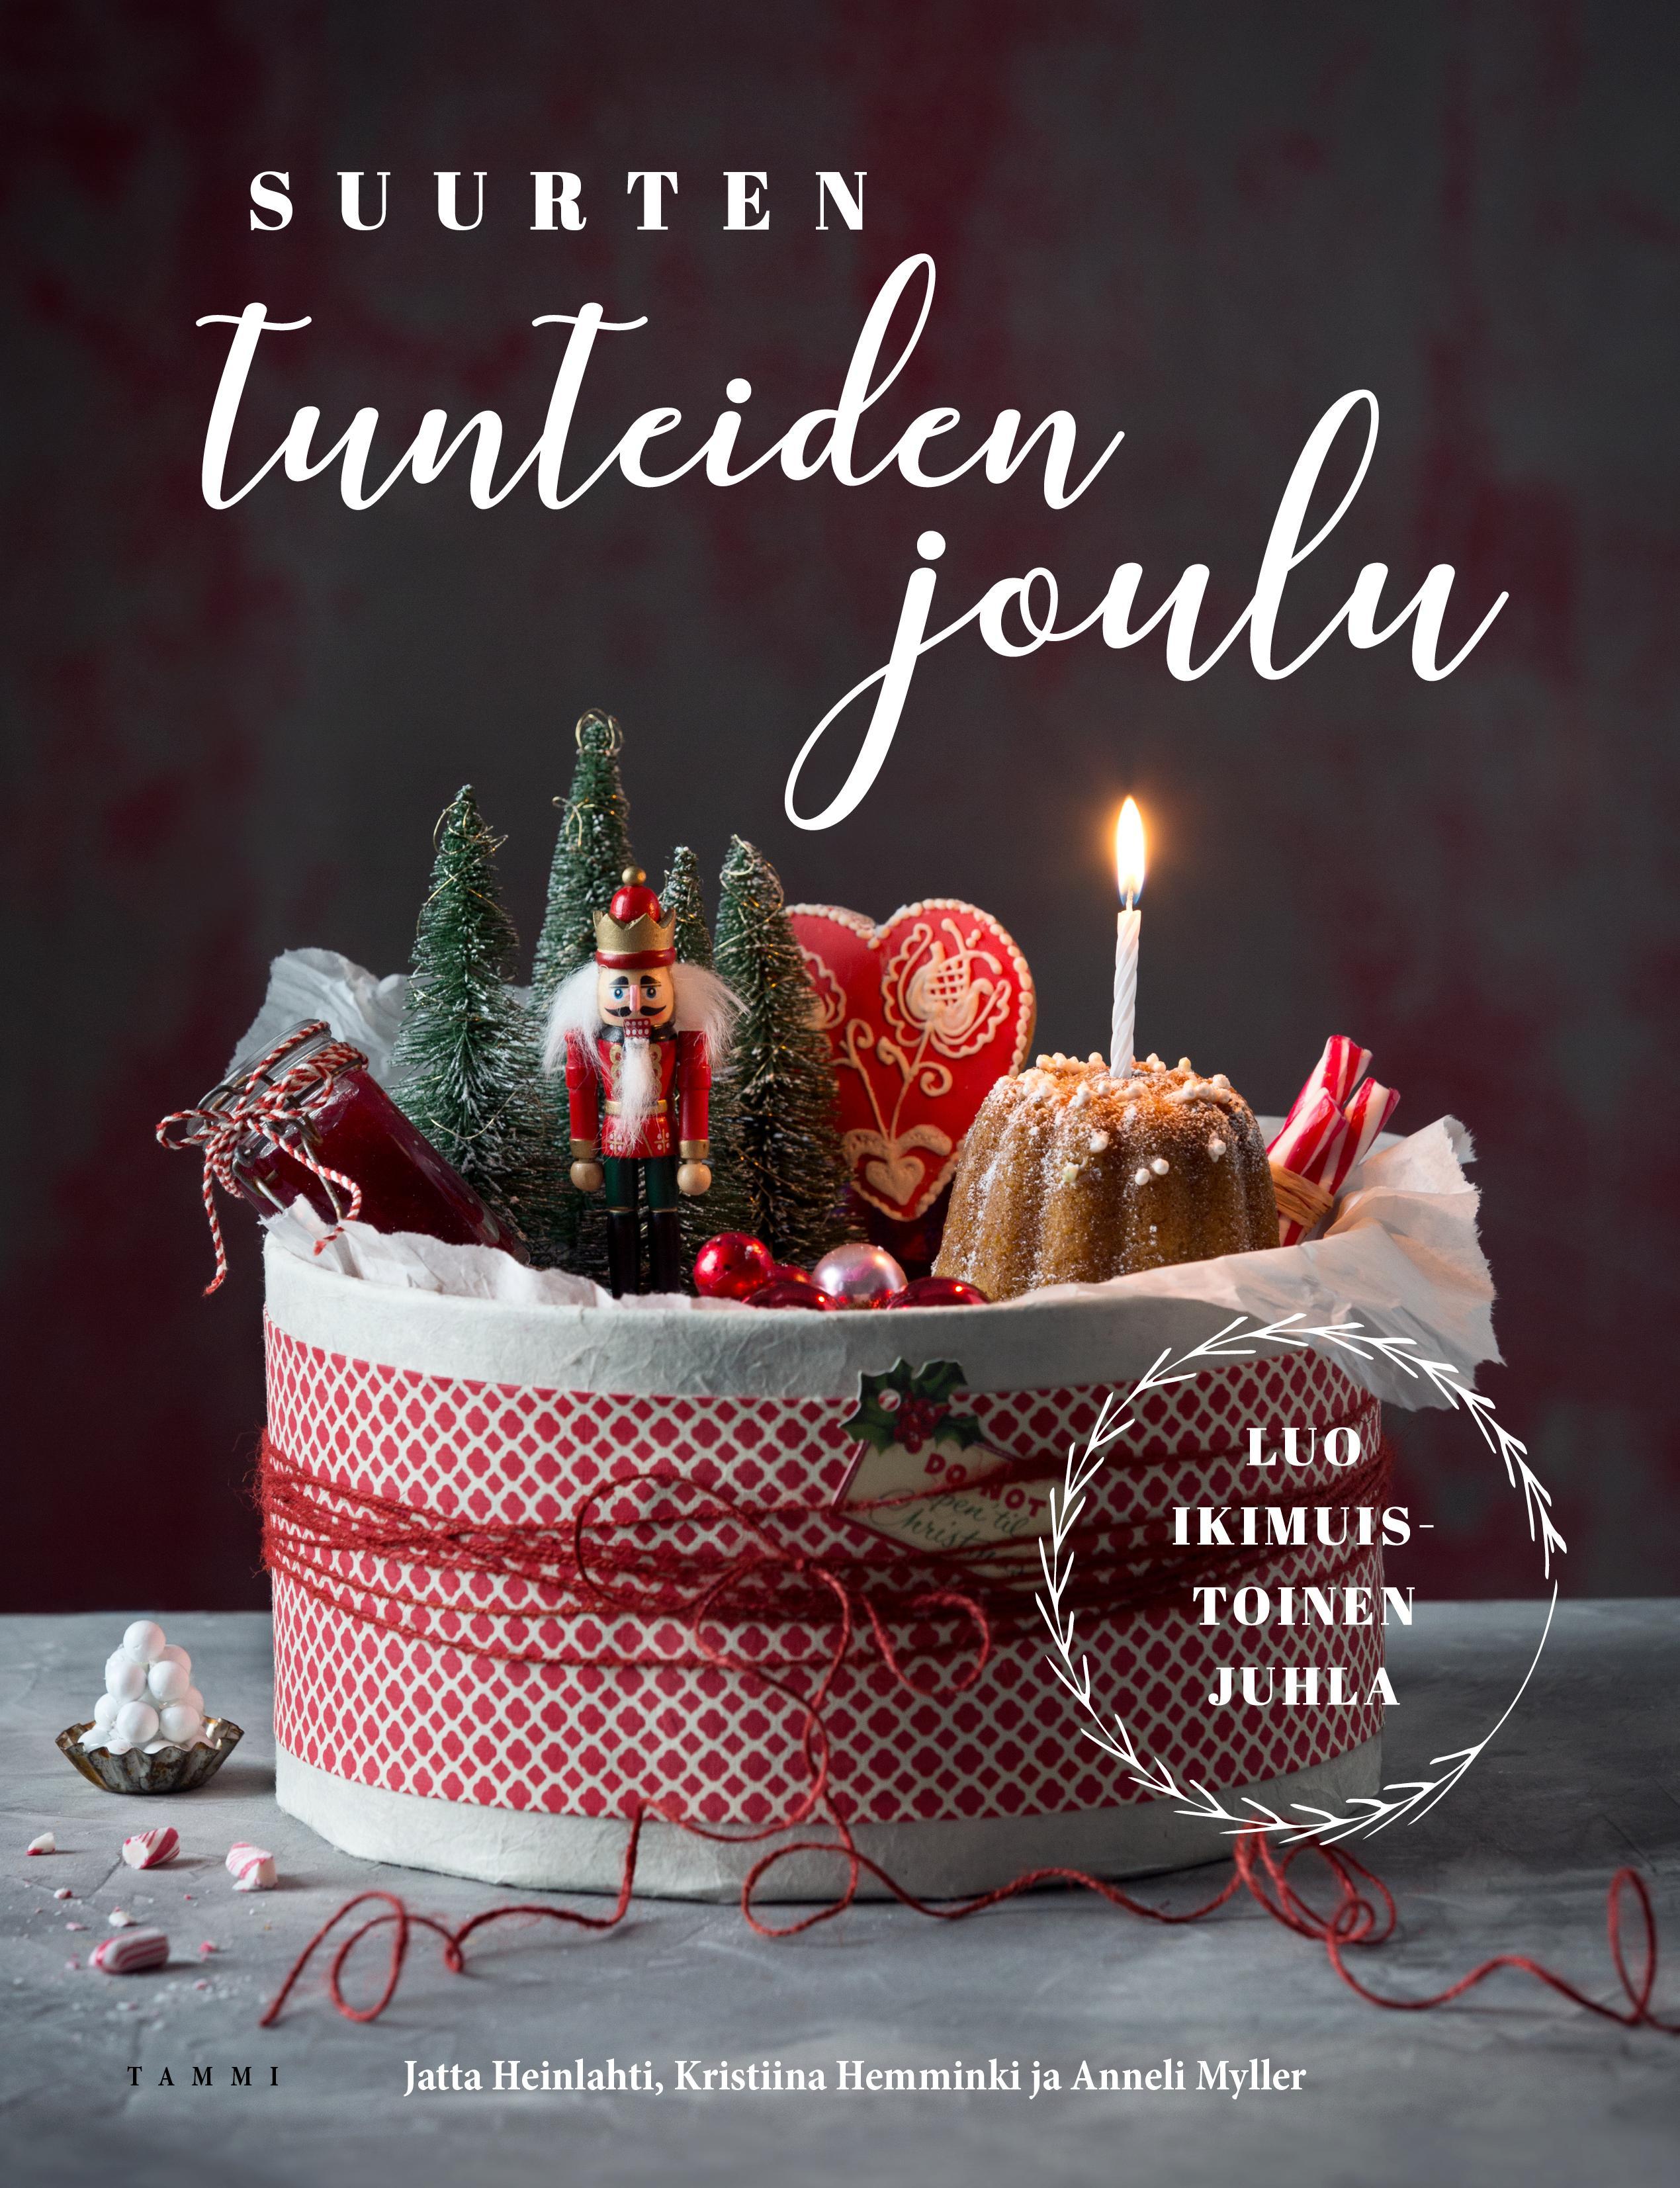 joulu 2018 kirjat Suurten tunteiden joulu joulu 2018 kirjat